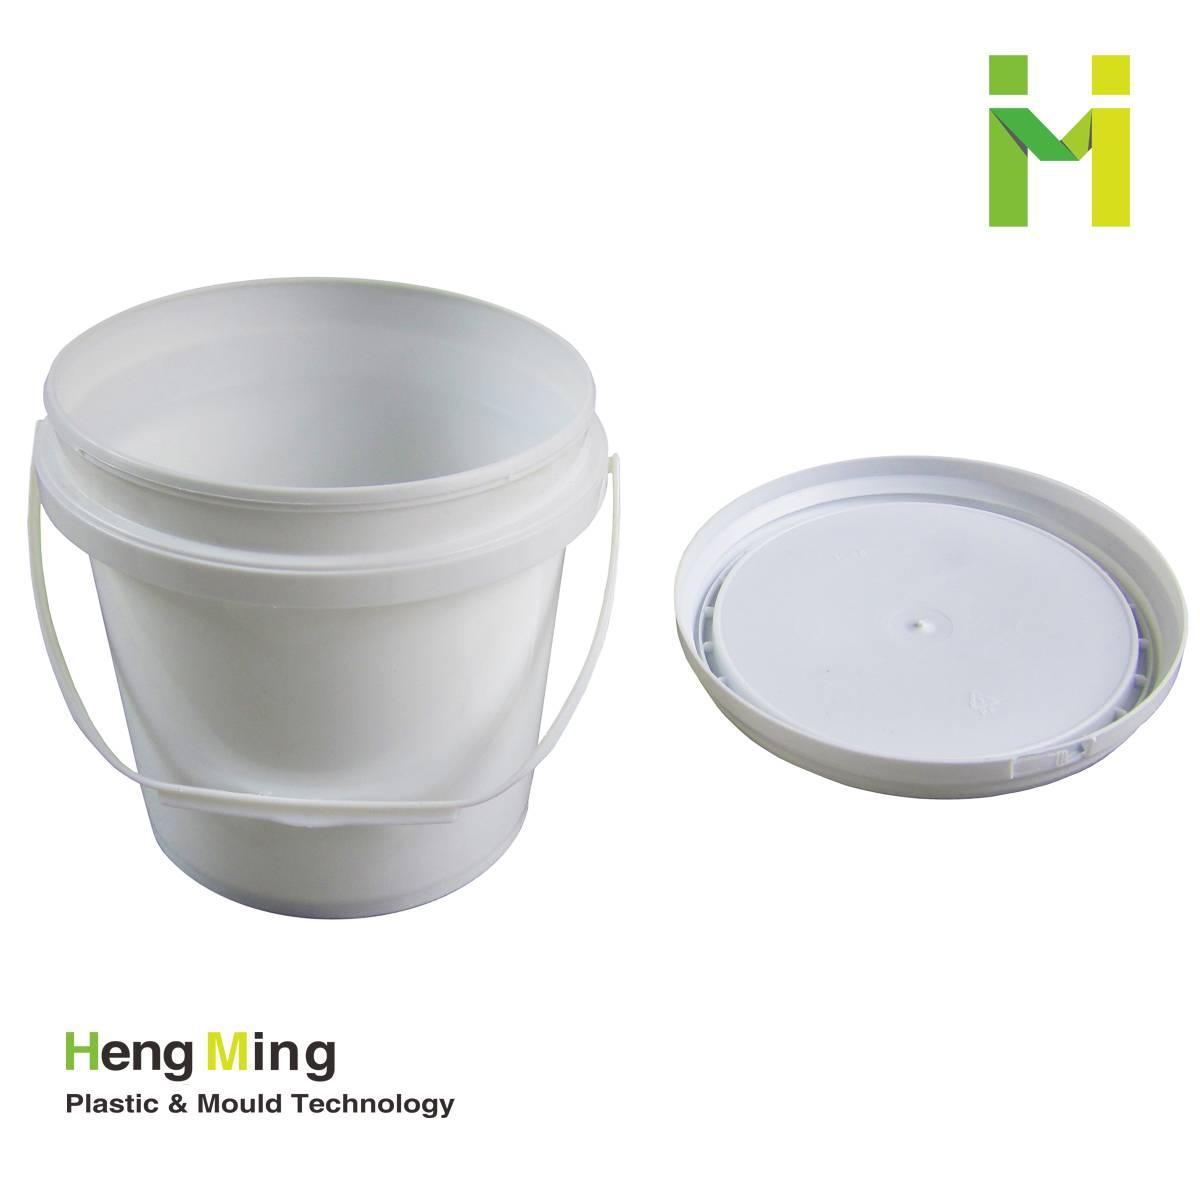 3L food storage plastic pail